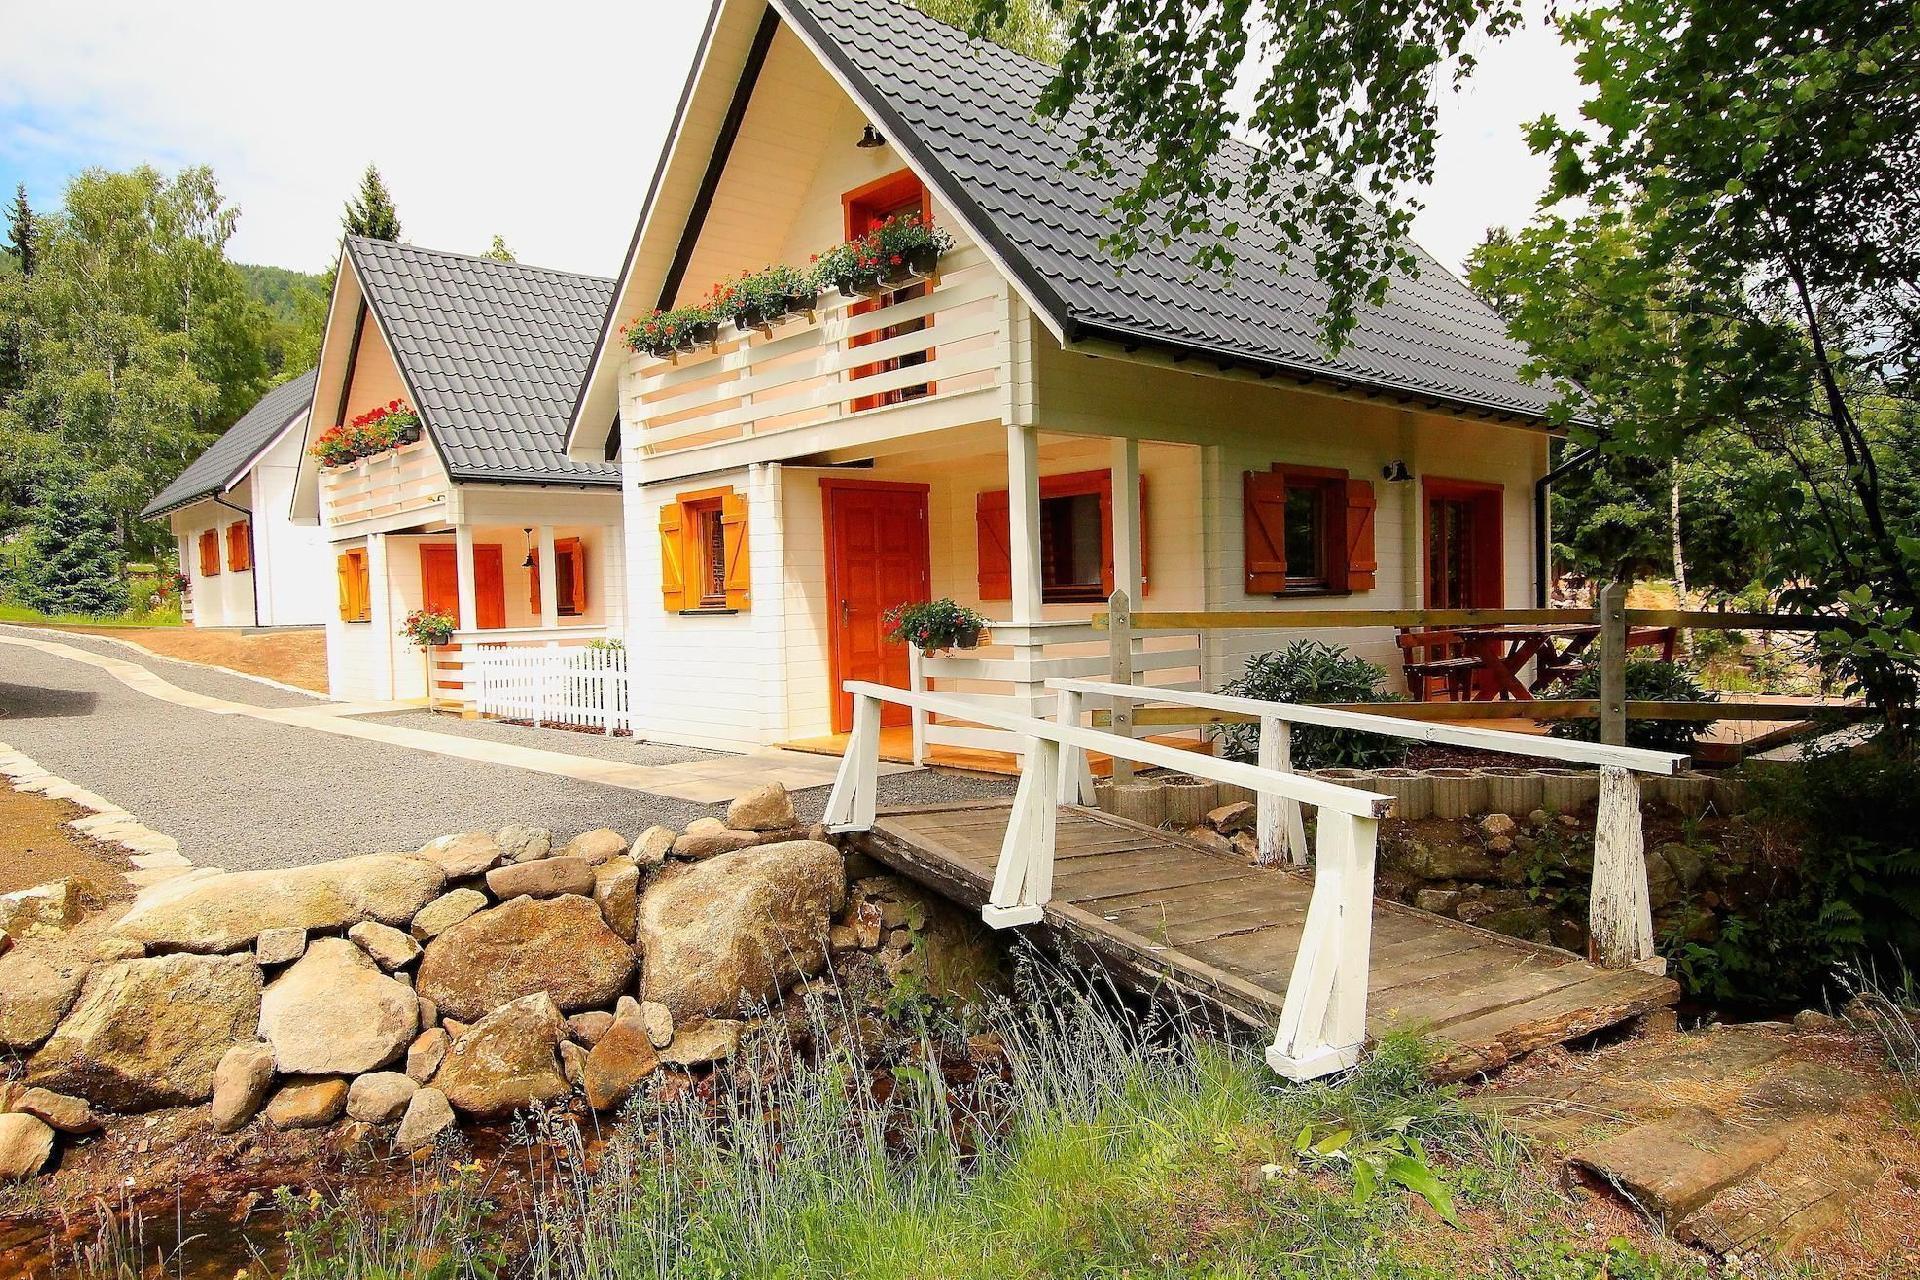 Ferienhaus für 9 Personen ca. 55 m² in S   Riesengebirge Polen